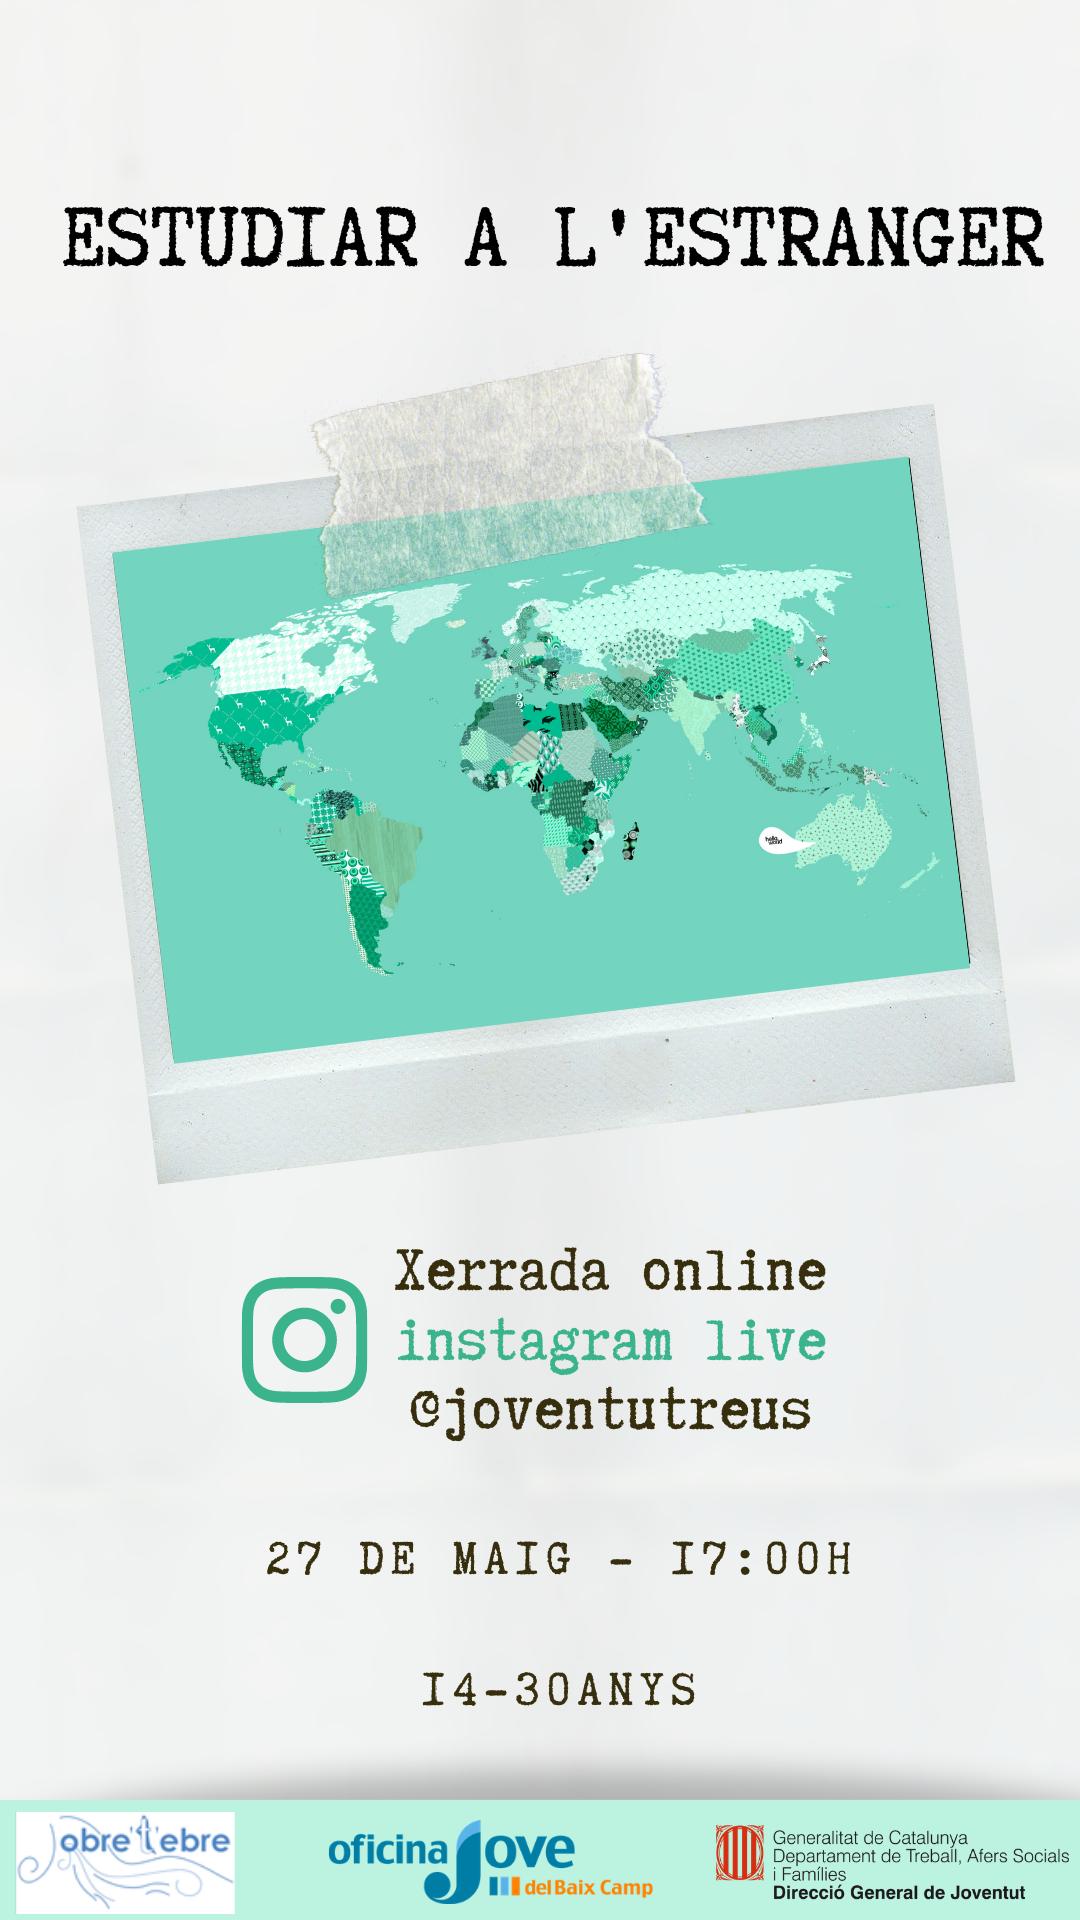 Estudiar a l'estranger - LIVE a l'INSTAGRAM de @JoventutReus